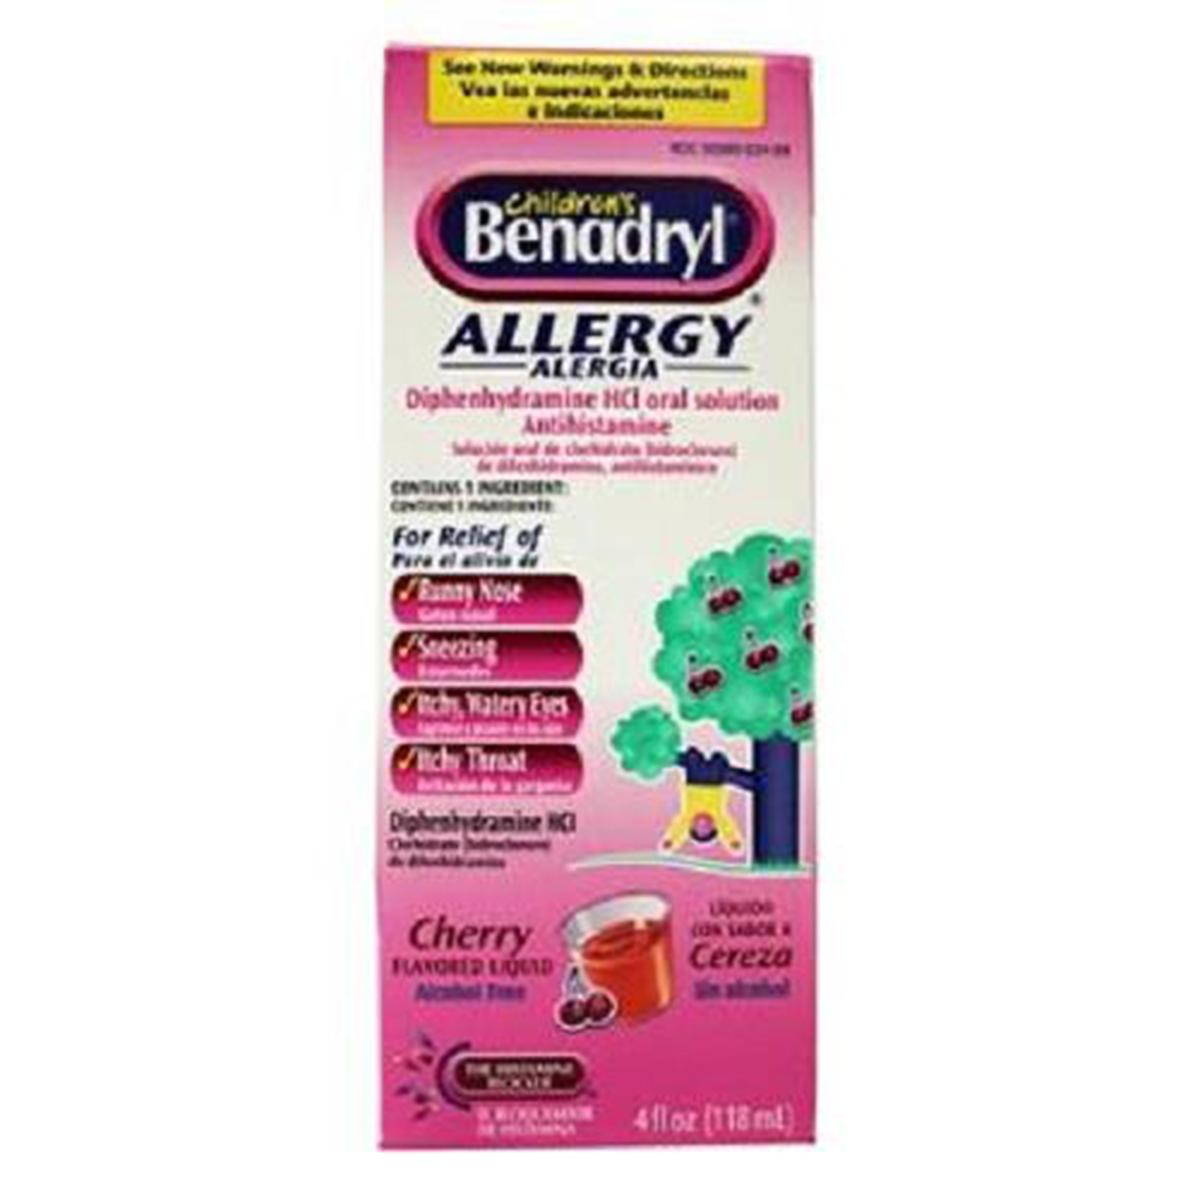 Children's Benadryl Allergy Cherry Flavored 4 oz